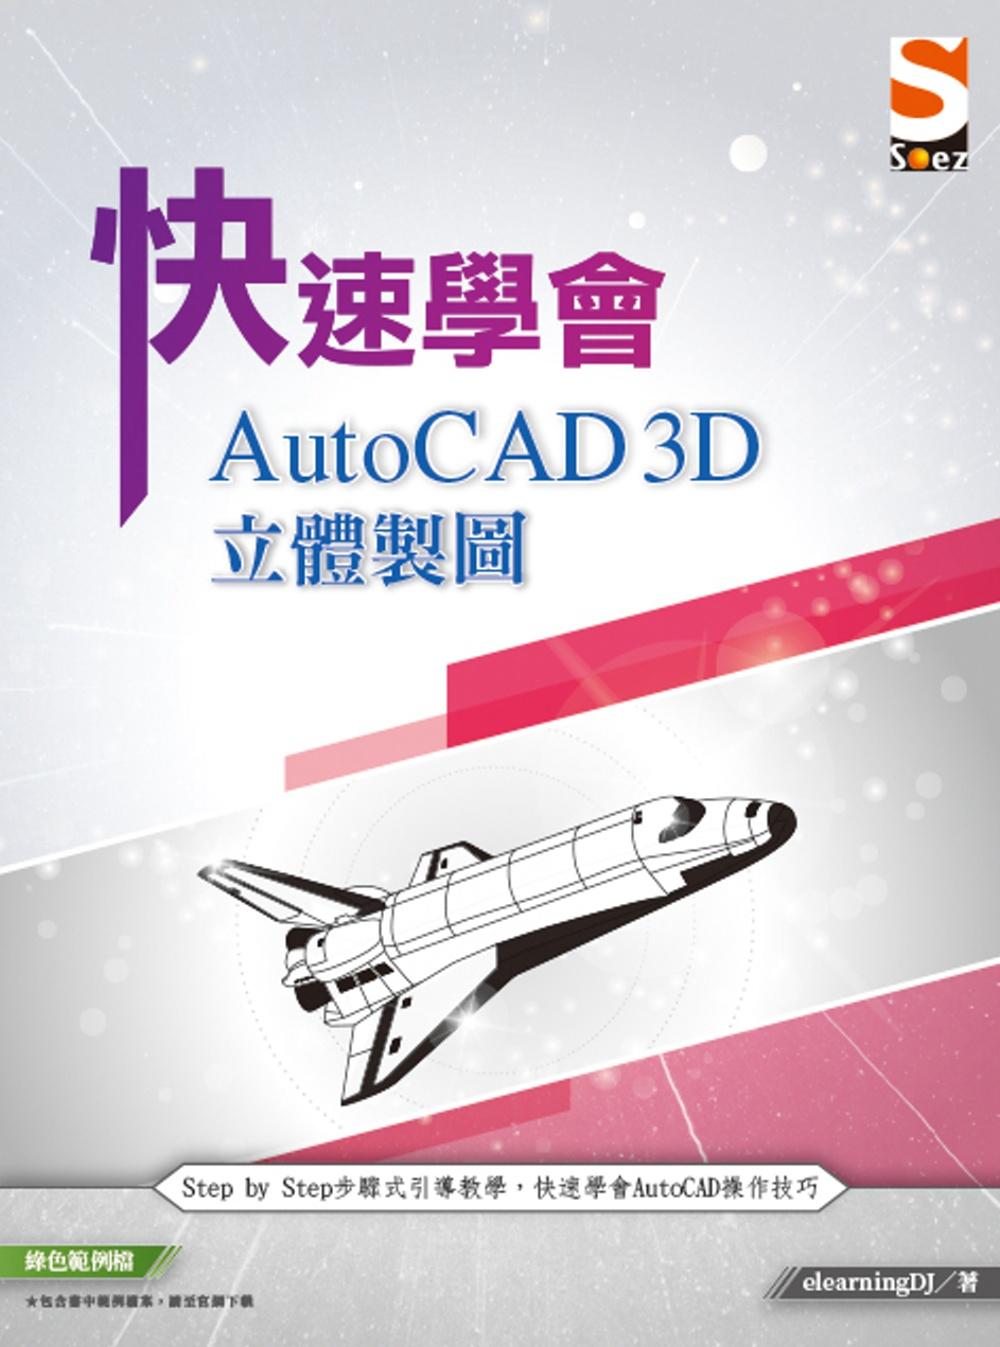 快速學會AutoCAD 工業製圖